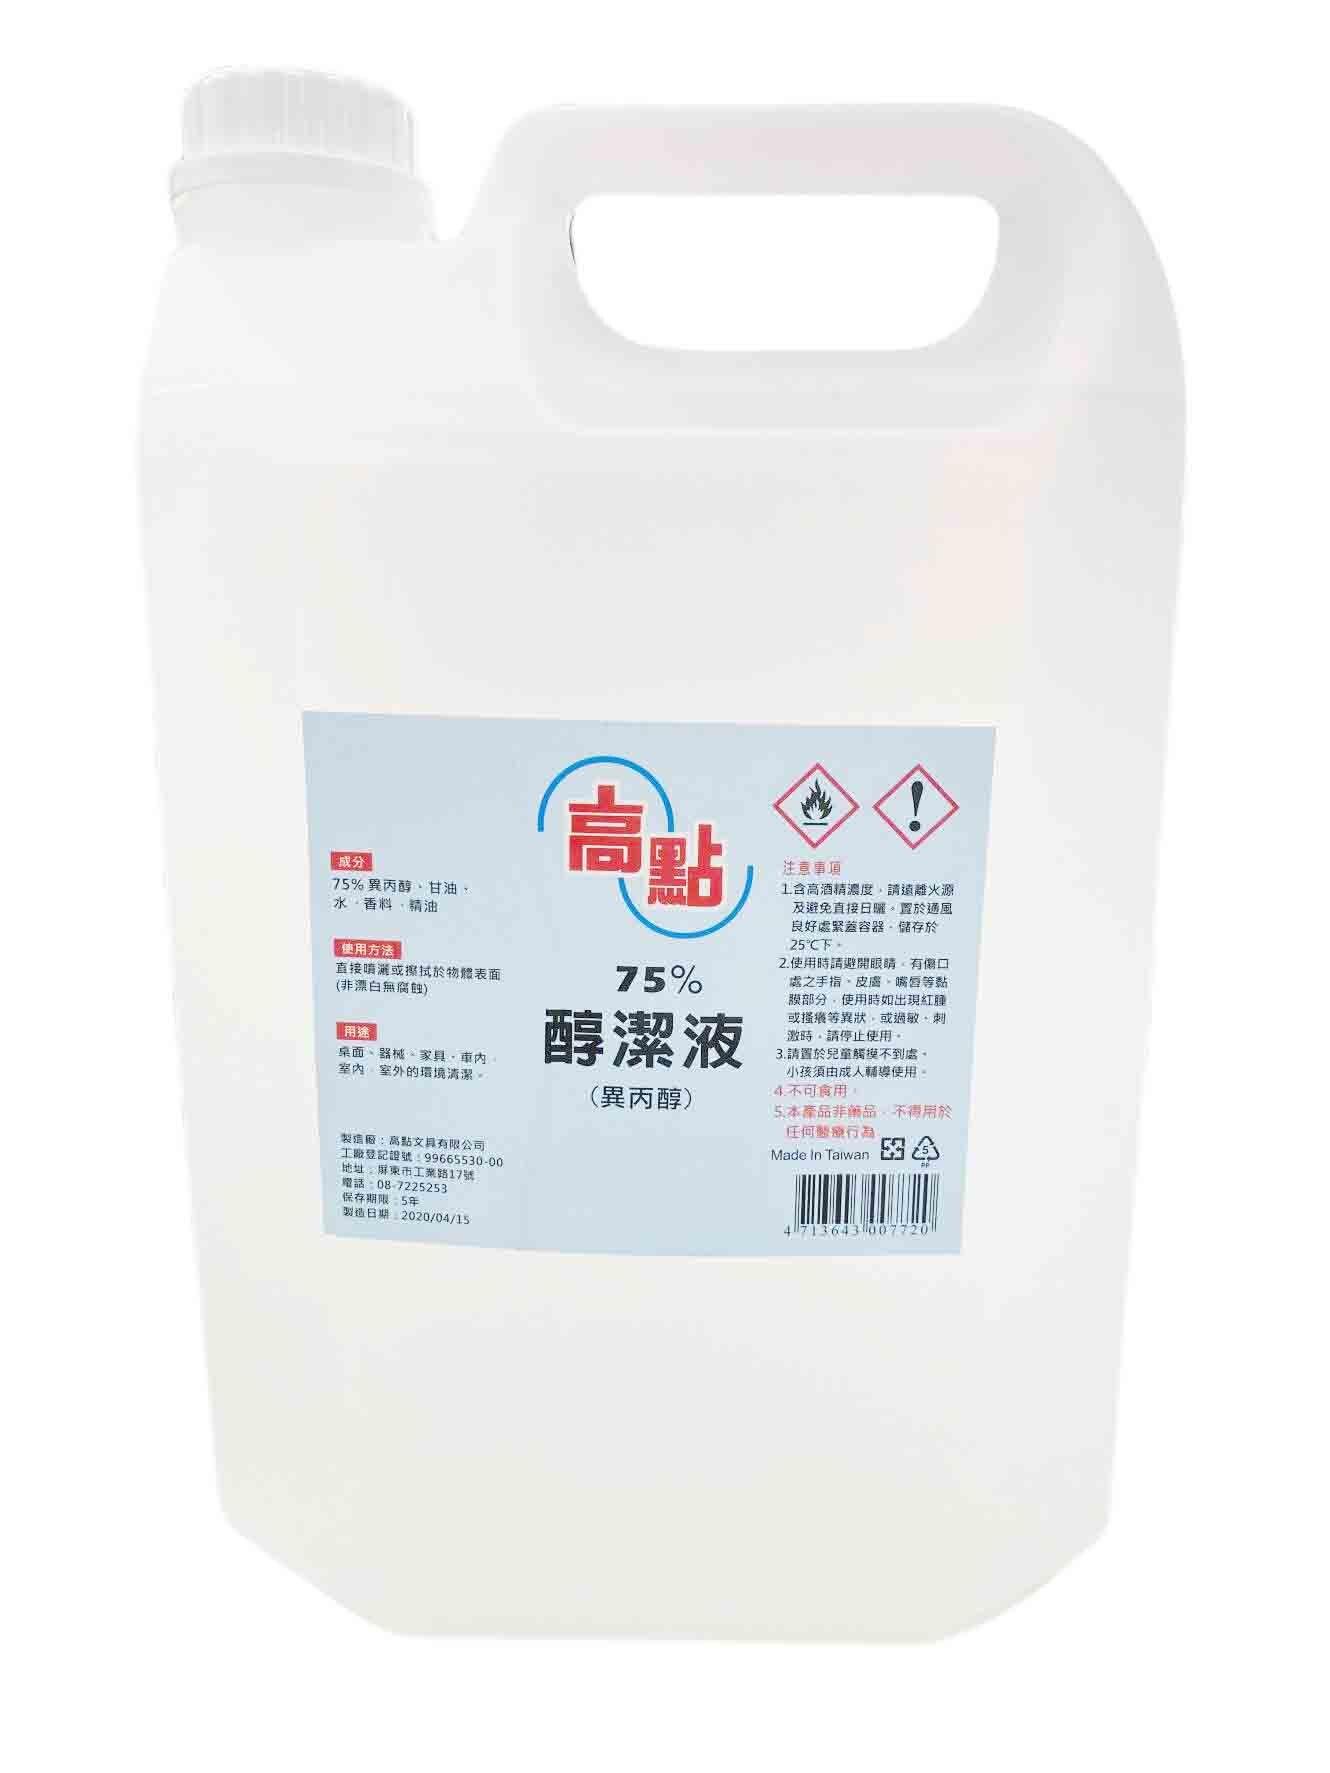 618購物節異丙醇 酒精 4000ml 擦拭消毒潔用酒精 75% 環境擦拭 /桶